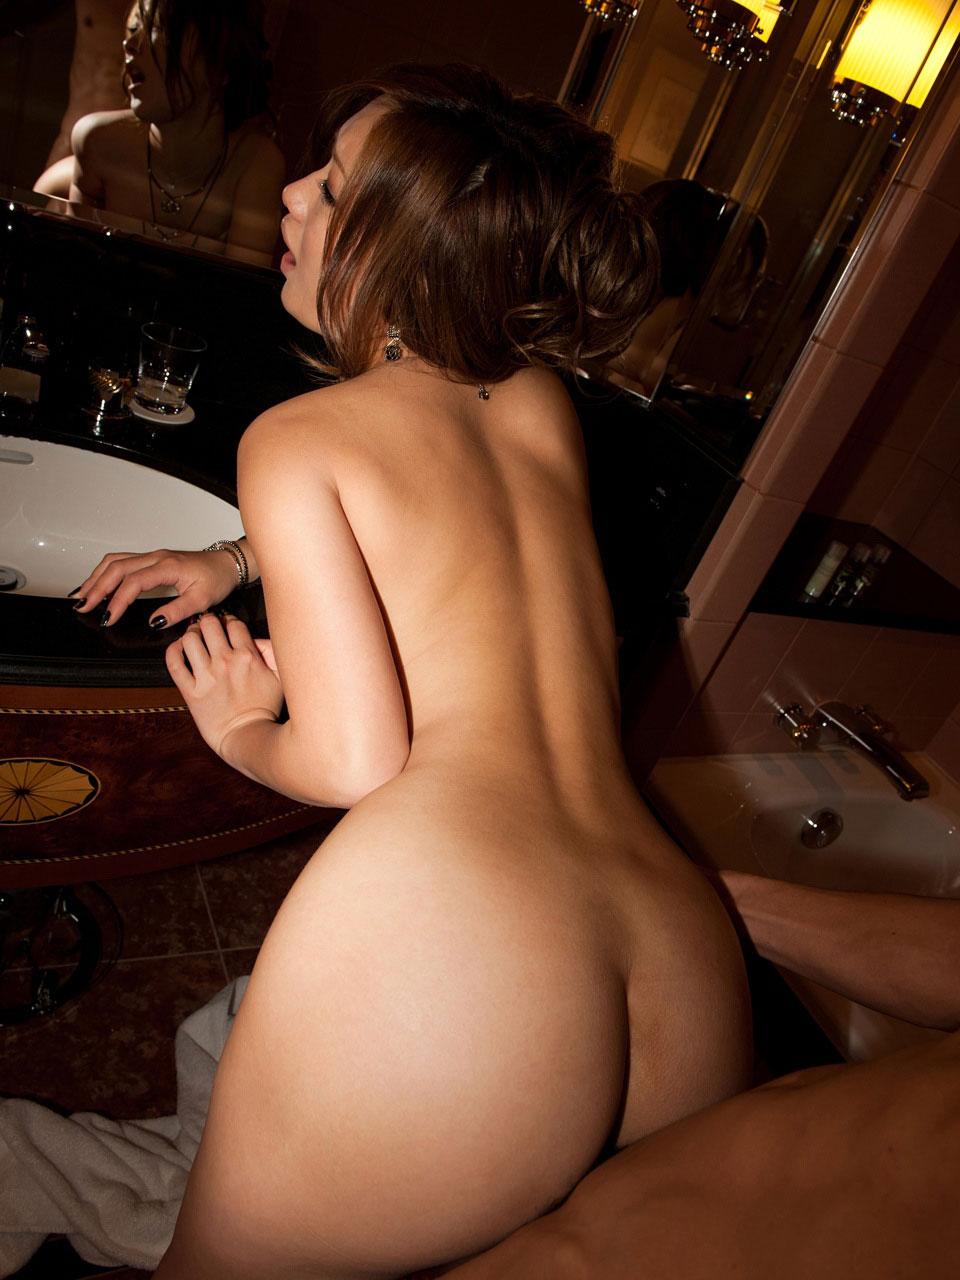 【バックエロ画像】四つん這いで挿入されて感じまくっている淫乱女www 17